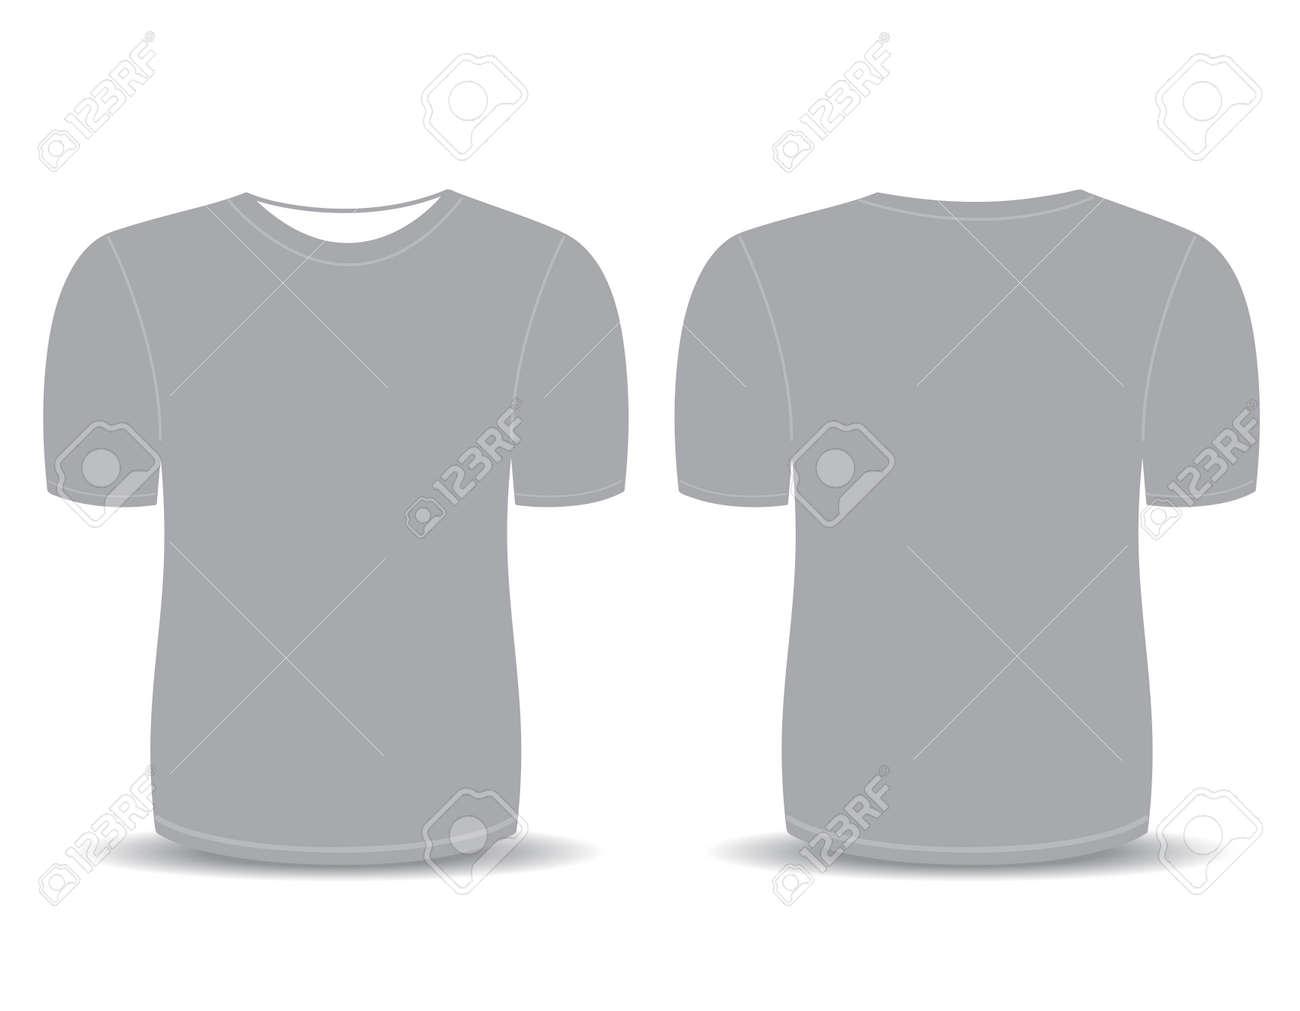 ブランク t シャツ男性 前面と背面の意見 のための灰色のテンプレート